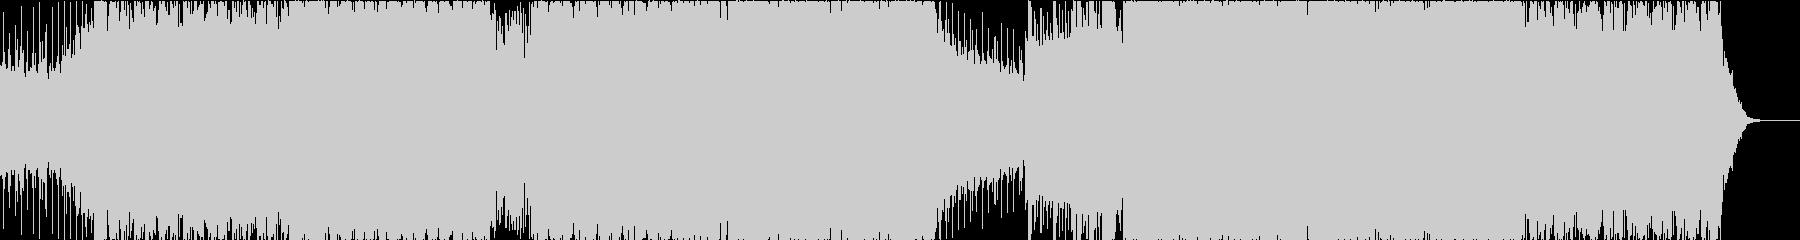 アグレッシブで疾走感のある戦闘曲の未再生の波形